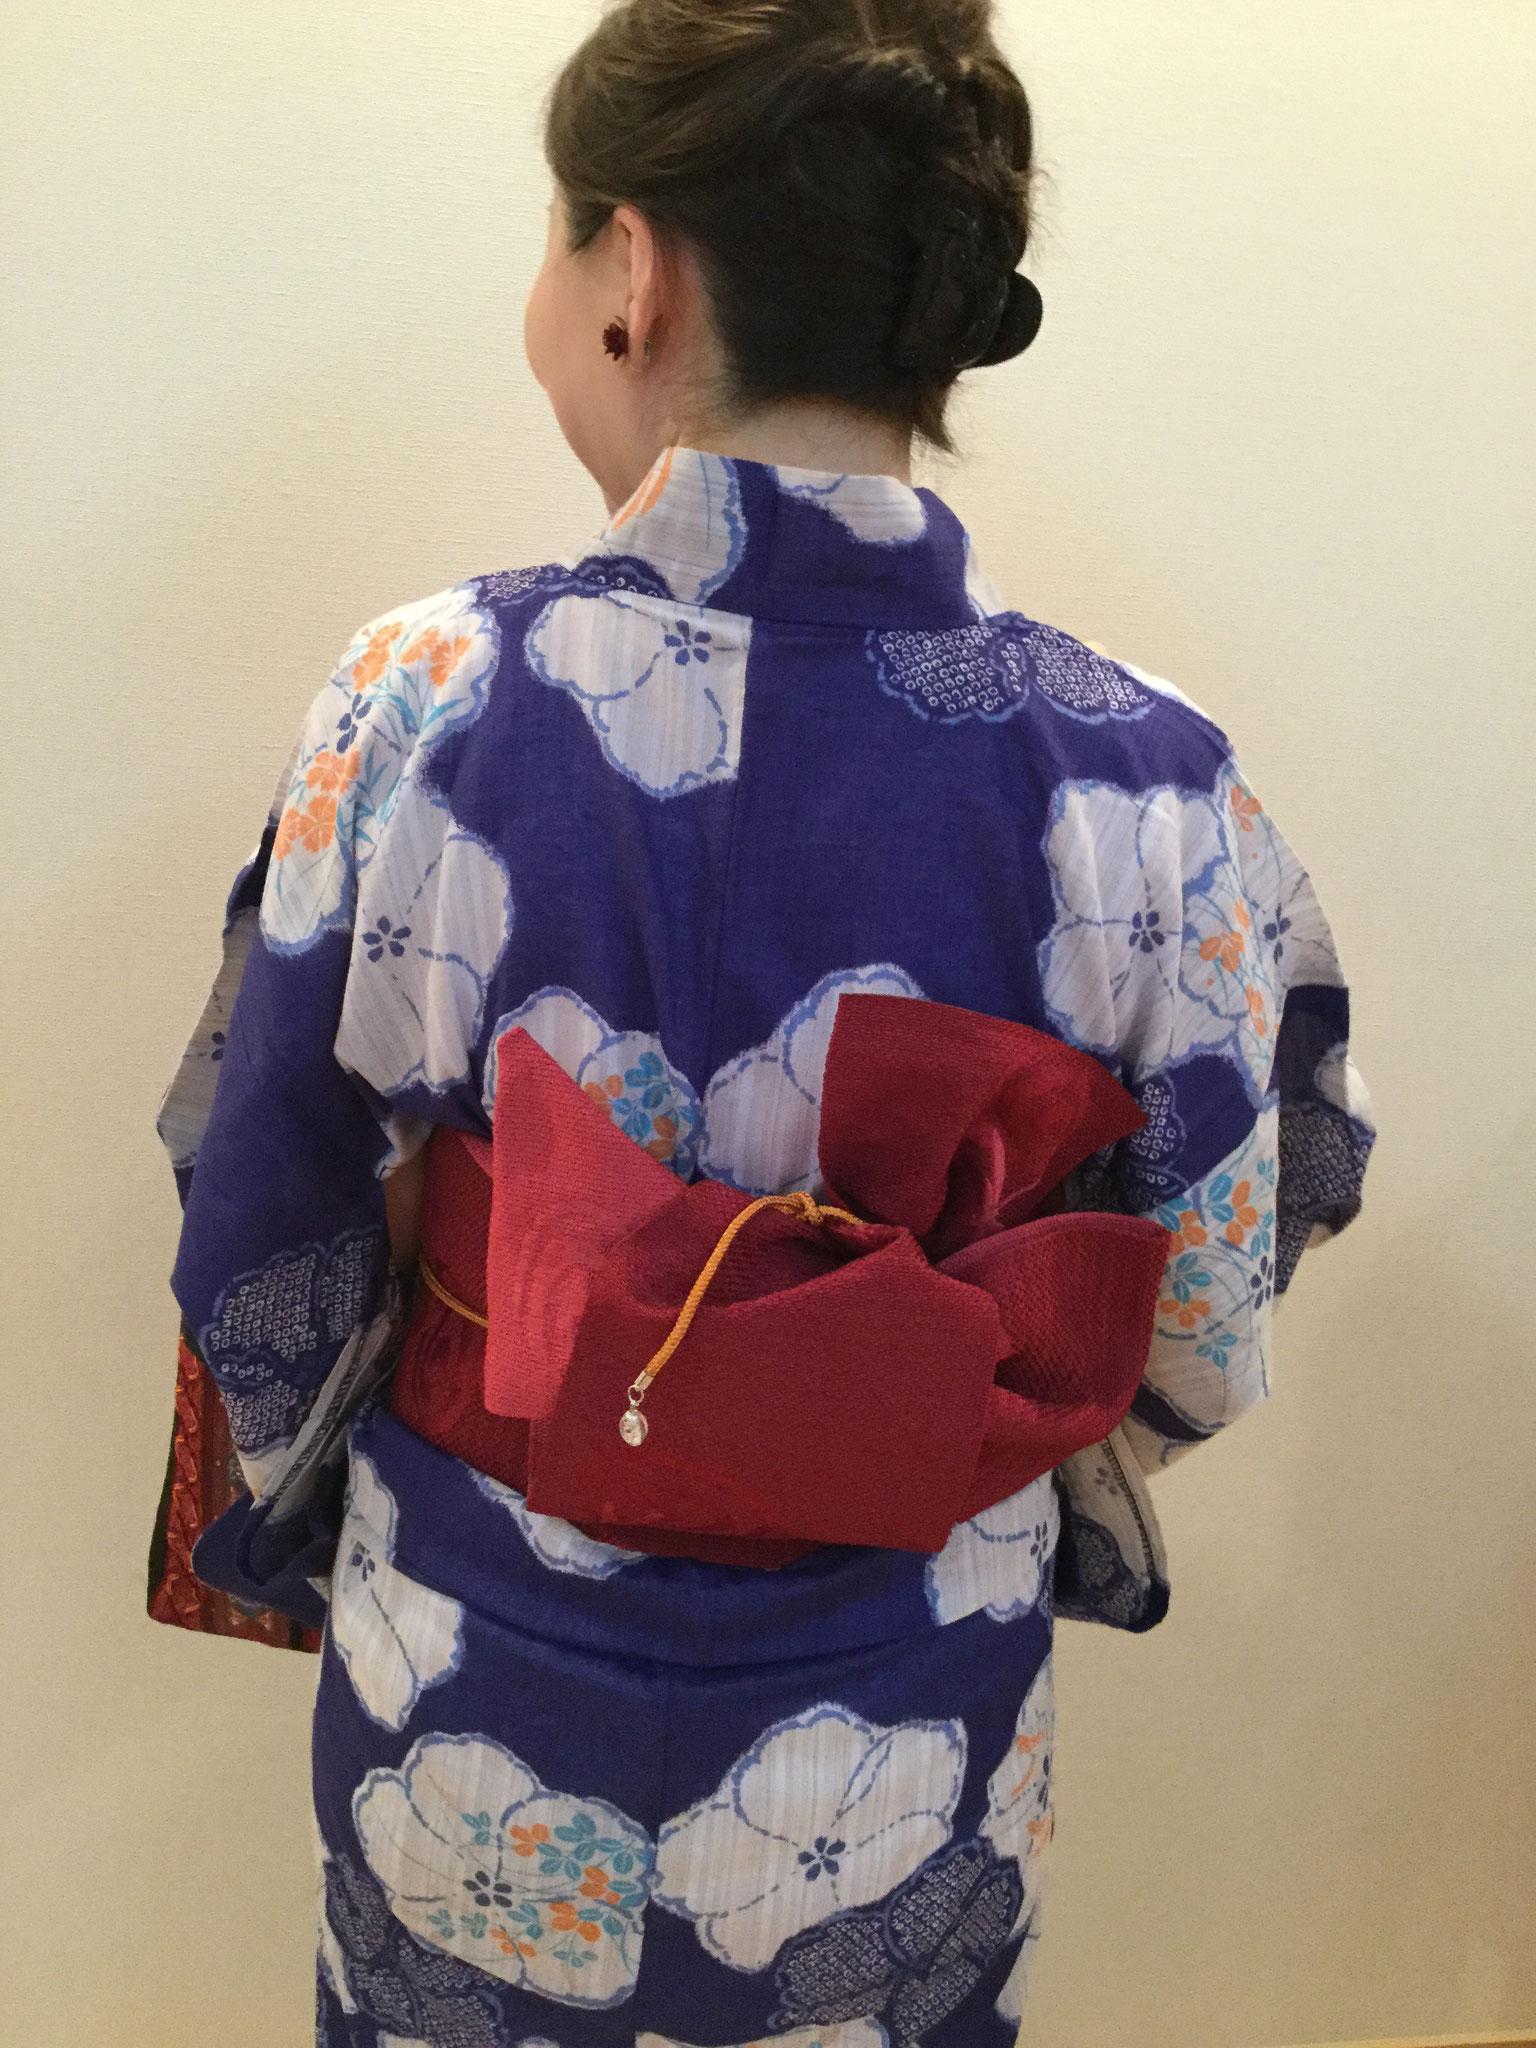 am wearing a Yukata in 2019